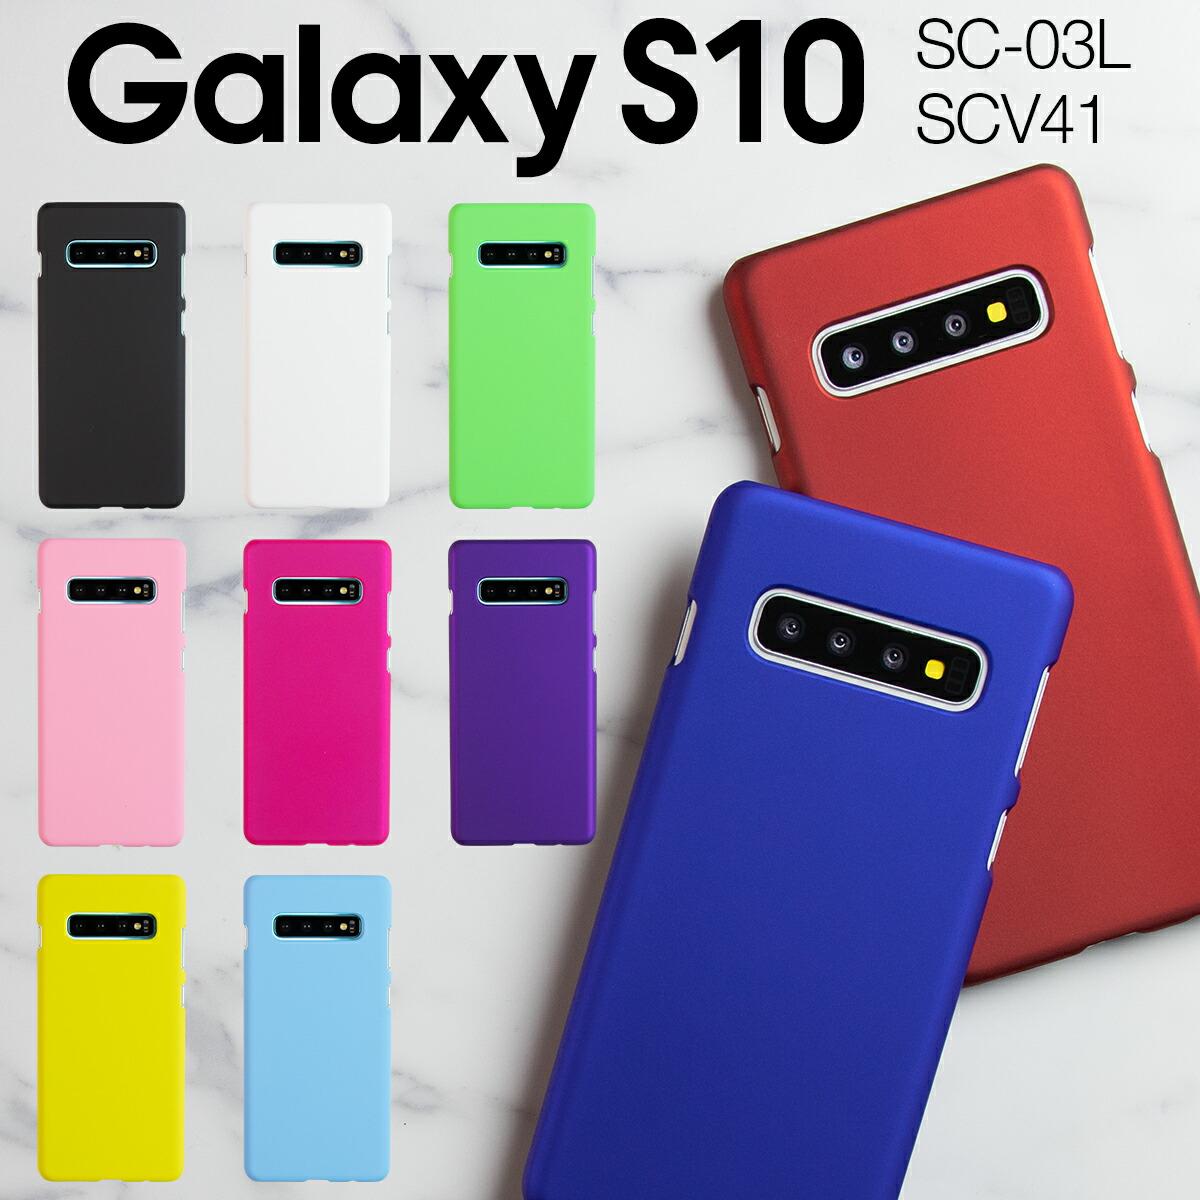 メール便送料無料 Galaxy S10 カラフルカラーハードケース スマホケース 韓国 誕生日/お祝い 新作 大人気 SC-03L SCV41 ギャラクシー スマホ ケース ジャケット Galaxys10 ハードケース 携帯 エステン カバー シンプル カラー かわいい 送料無料 人気